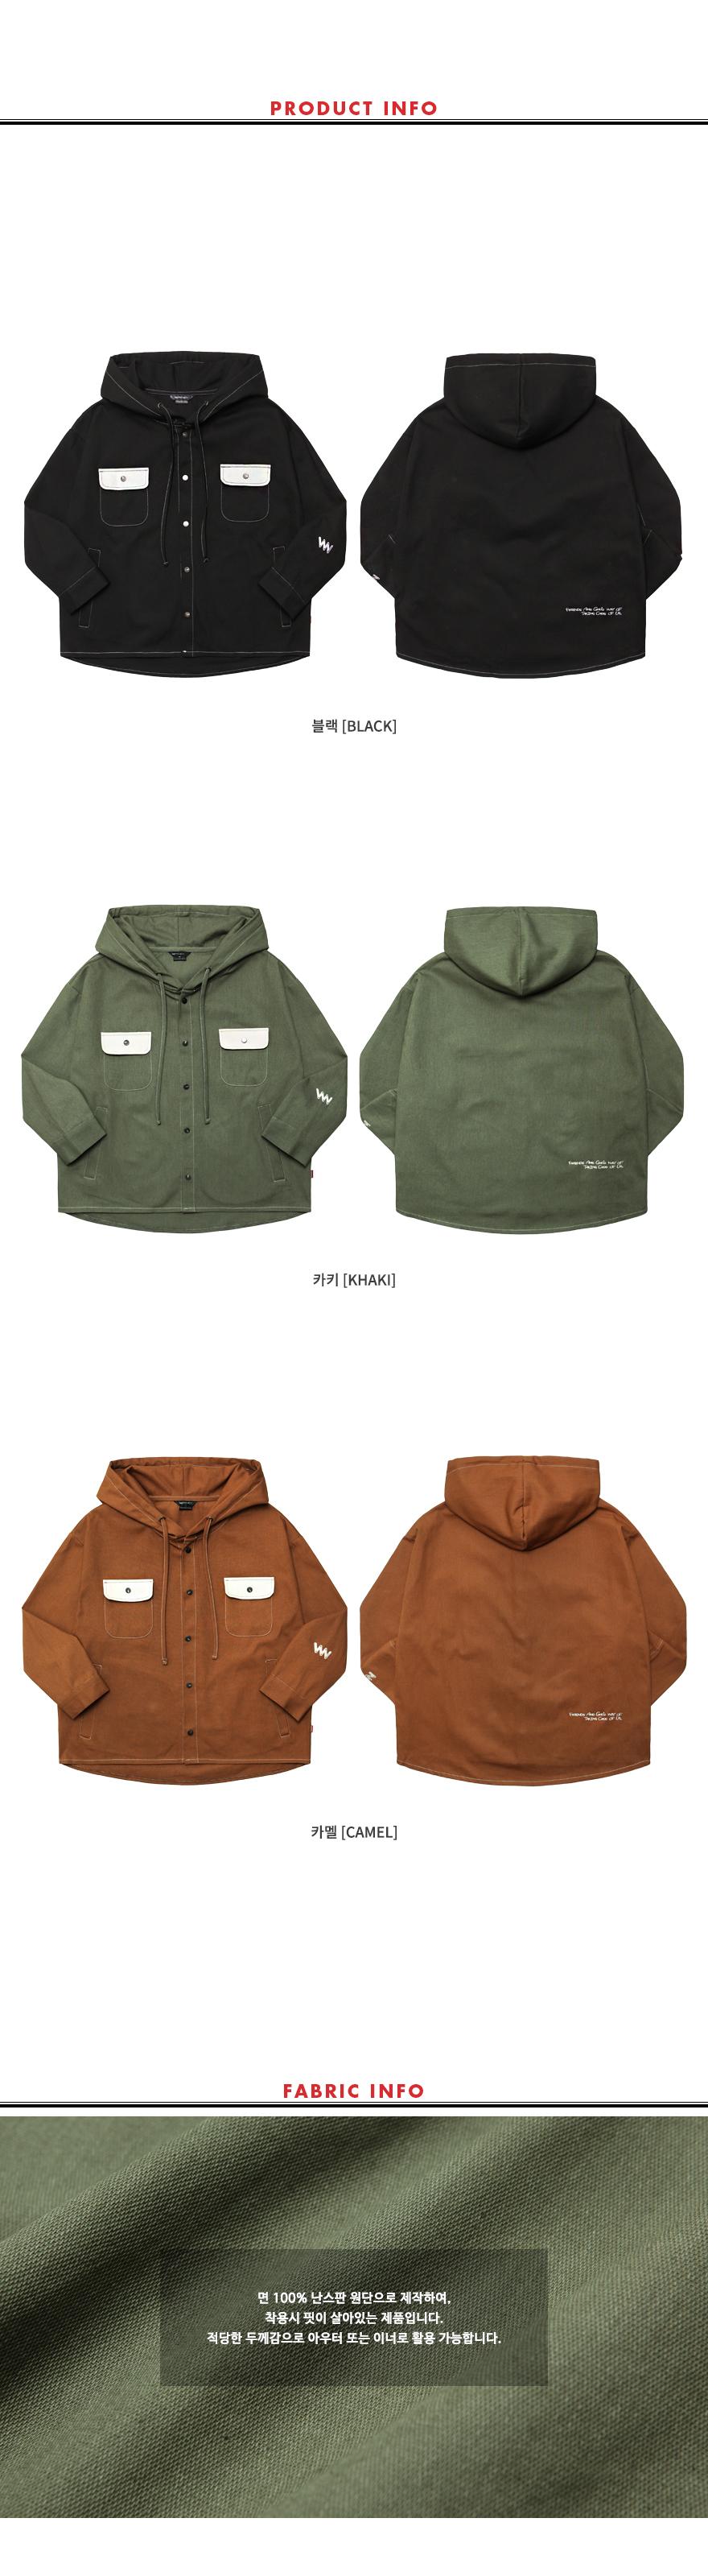 [더블유브이프로젝트] 프렌즈 후드셔츠 3종 SYLS7216